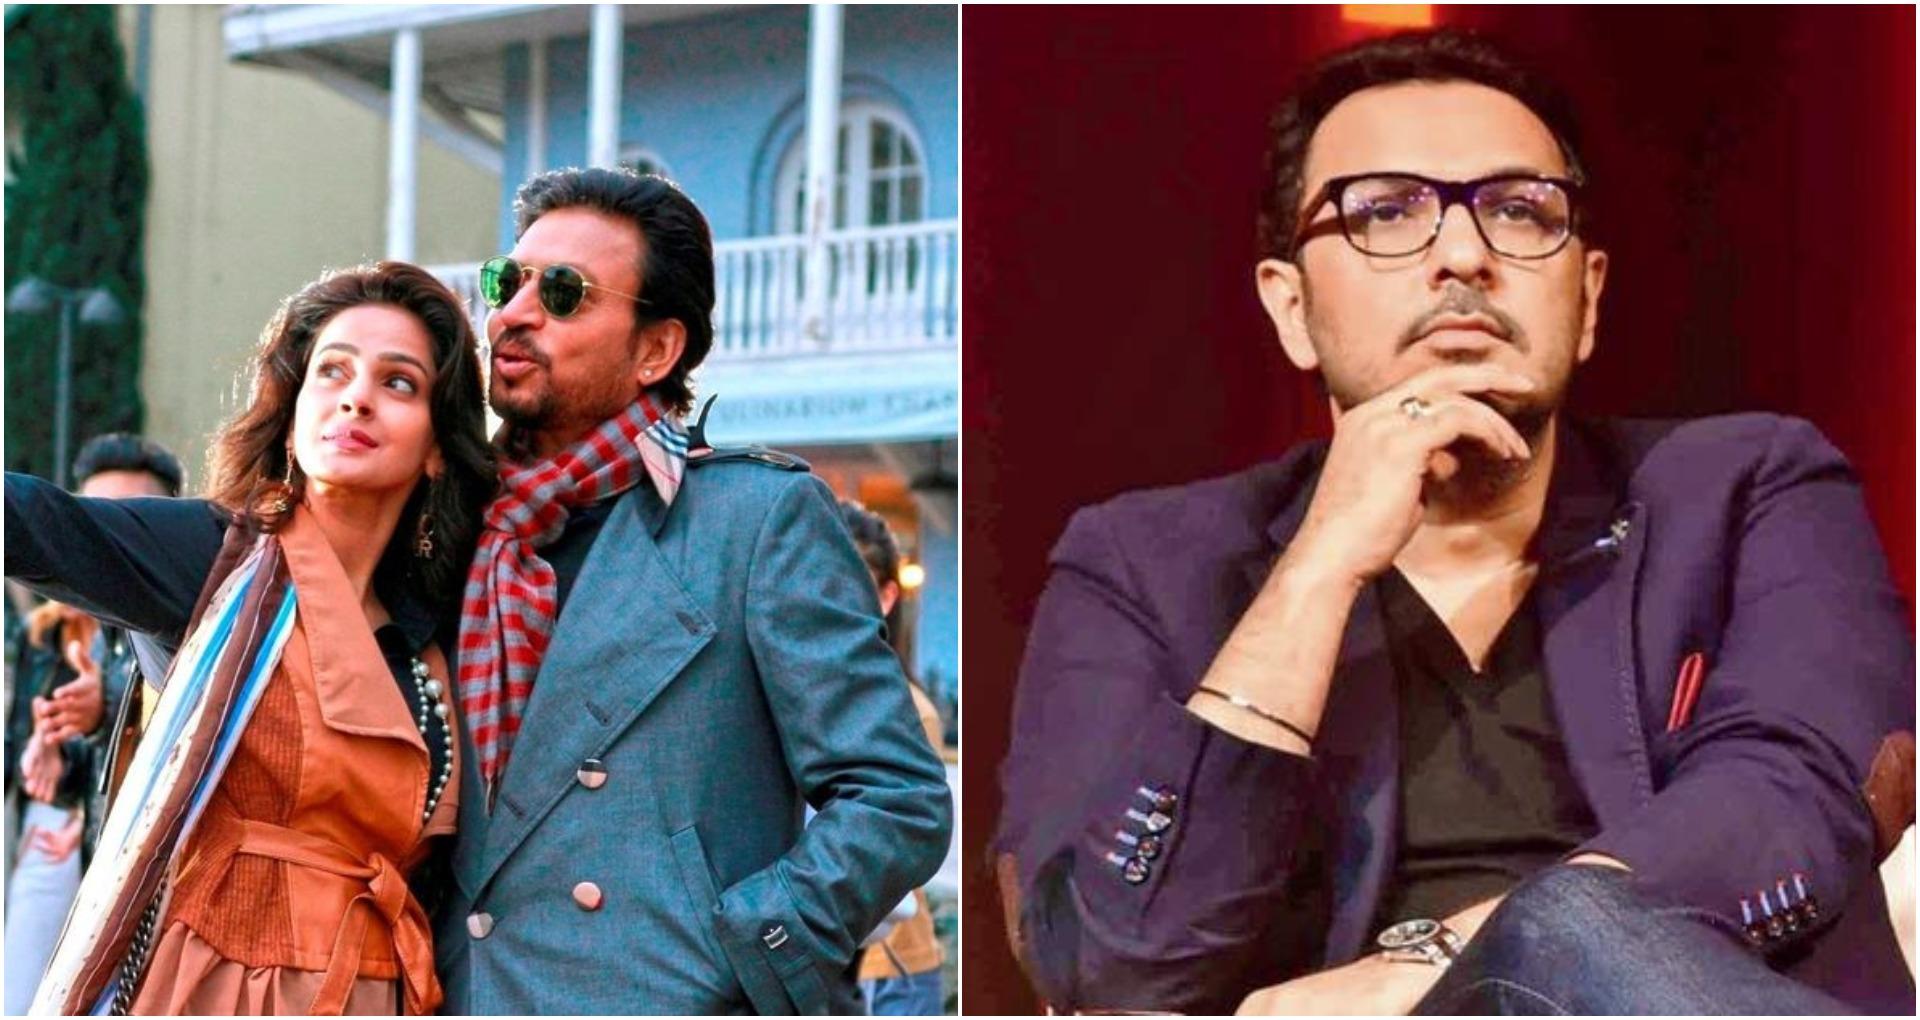 हिंदी मीडियम मूवी केनिर्मातादिनेश विजान ने की अगली रोमांटिक फिल्म की घोषणा, फिर बनाएंगे शिद्दत से फिल्म